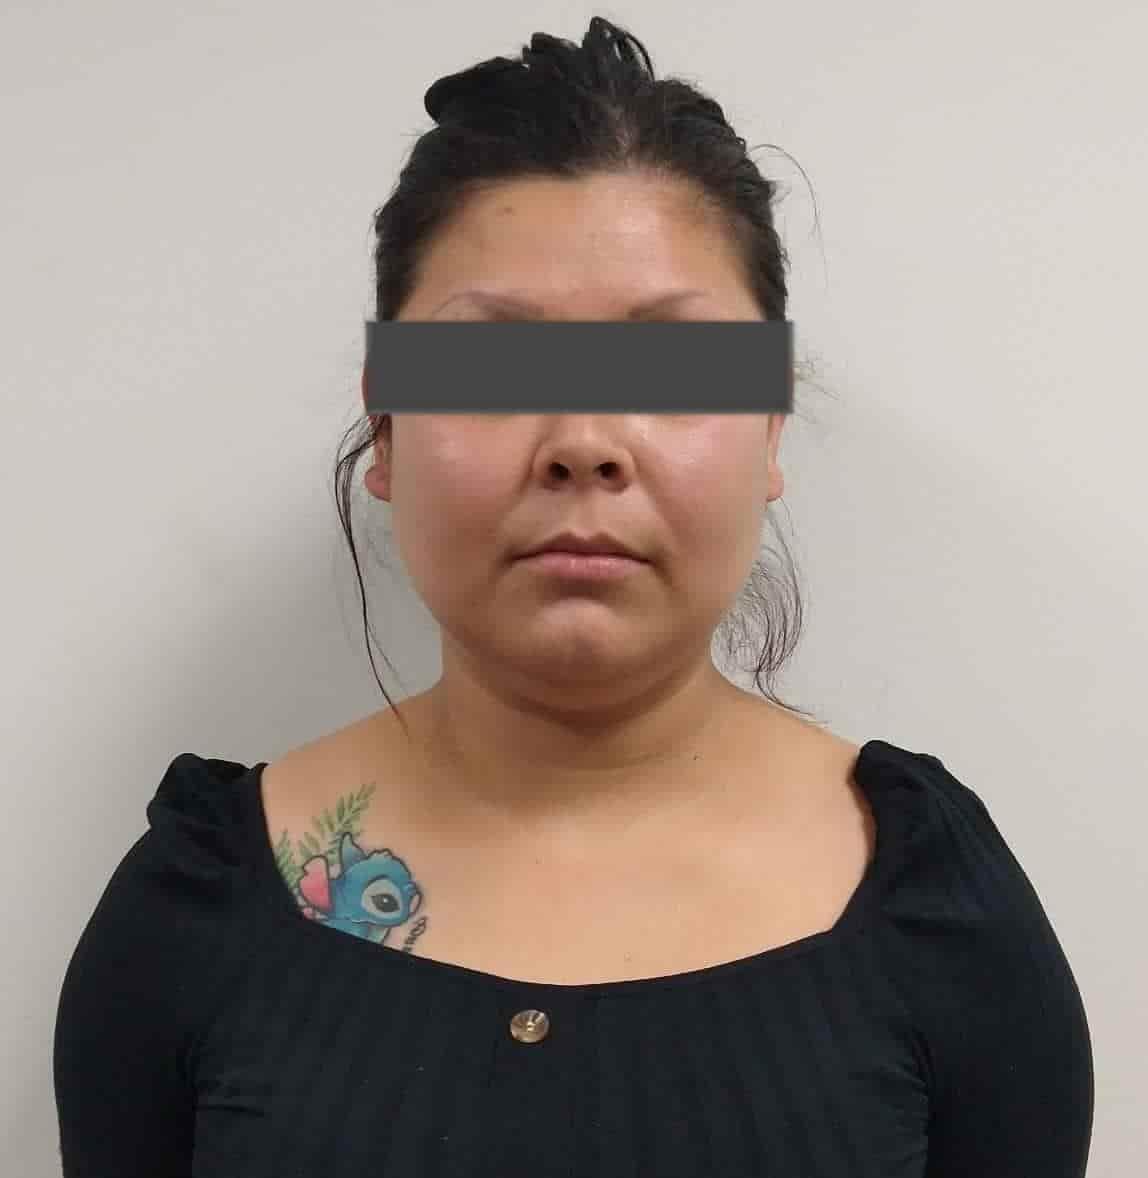 La mujer involucrada en el secuestro de un hombre  encontrado posteriormente sin vida, fue arrestada